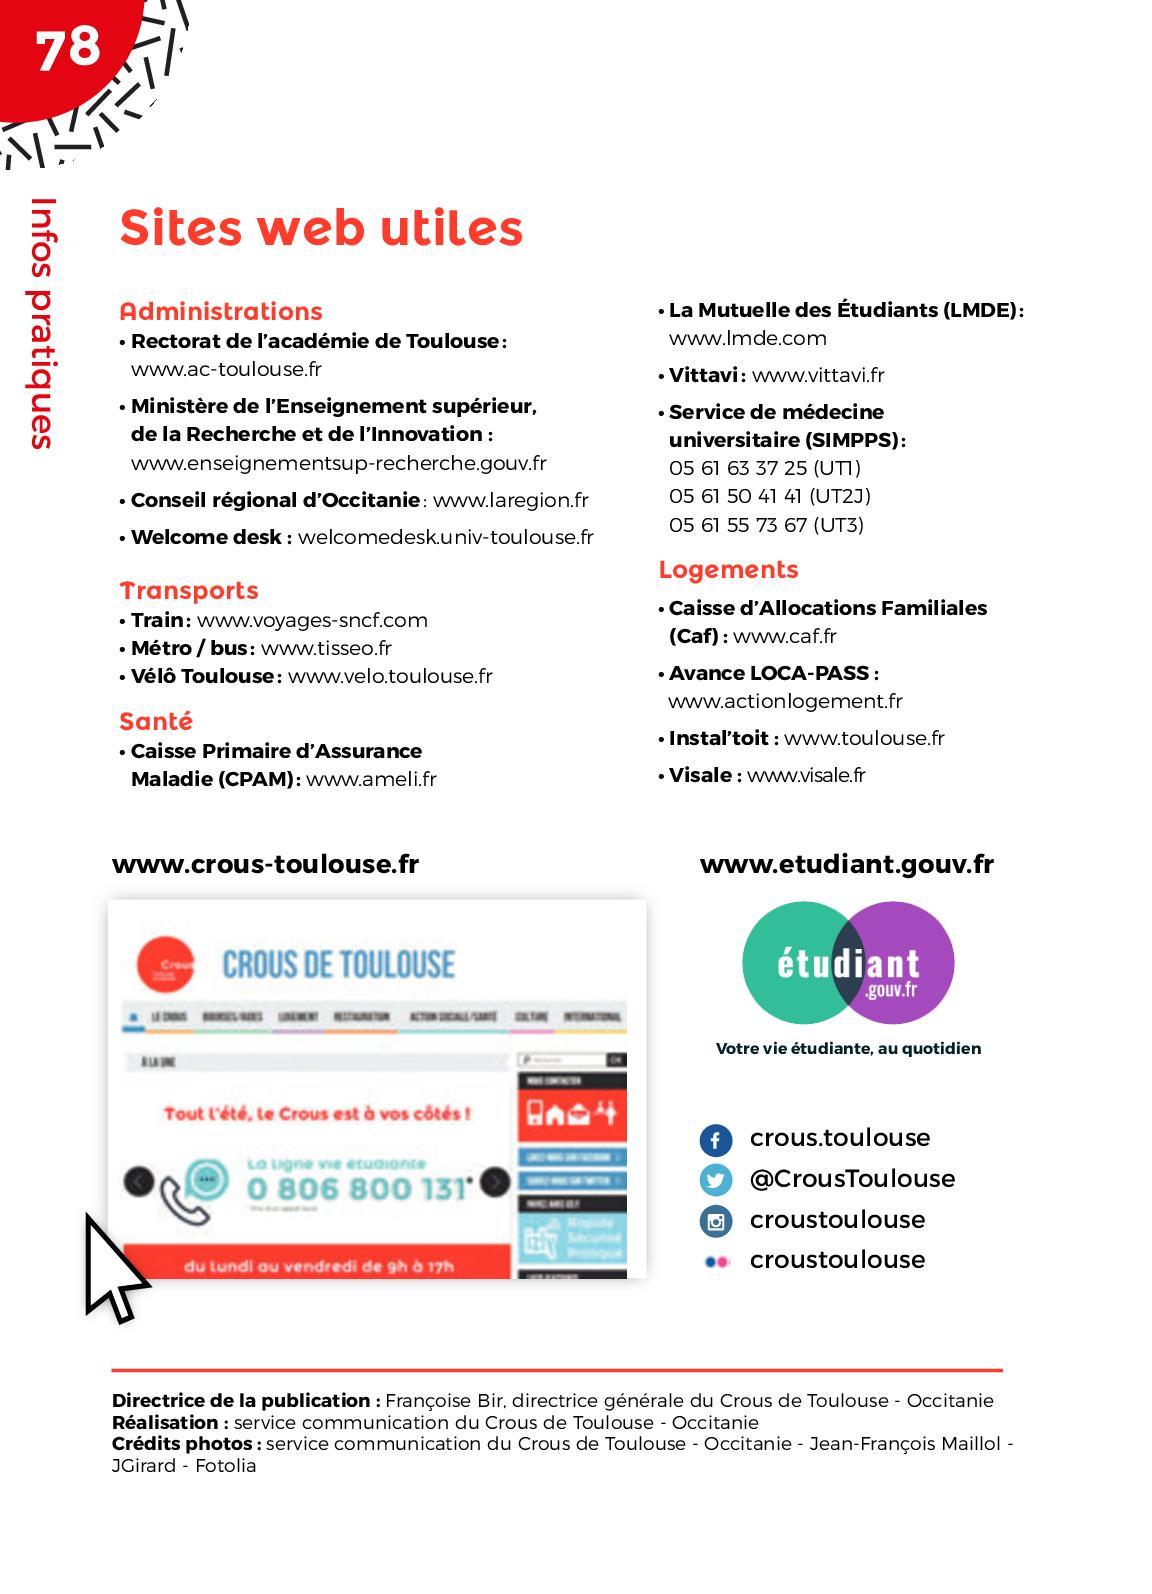 carte européenne d assurance maladie vittavi Guide de l'étudiant 2018 2019   CALAMEO Downloader